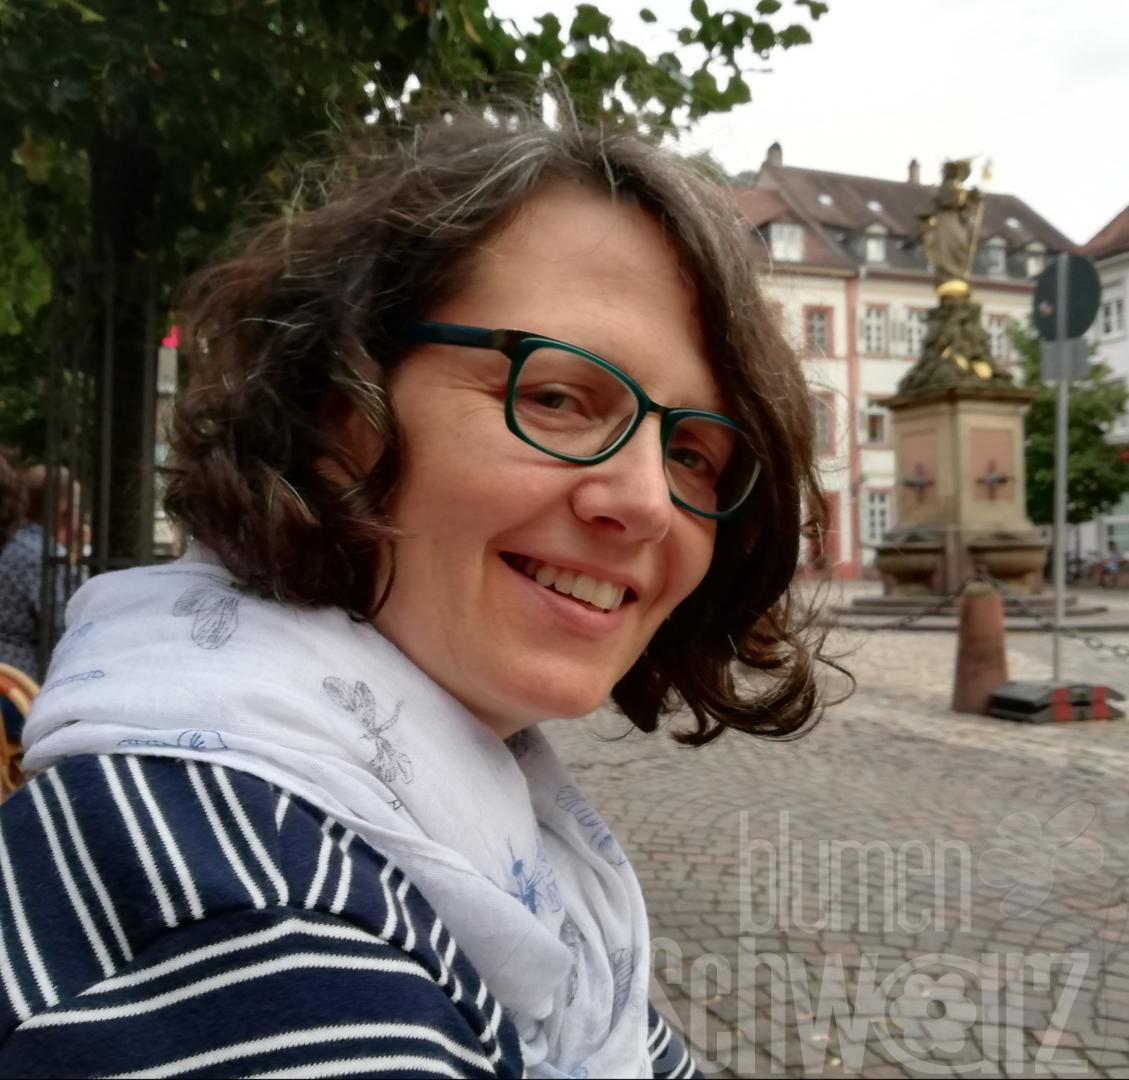 Annette Schwarz Nude Photos 89